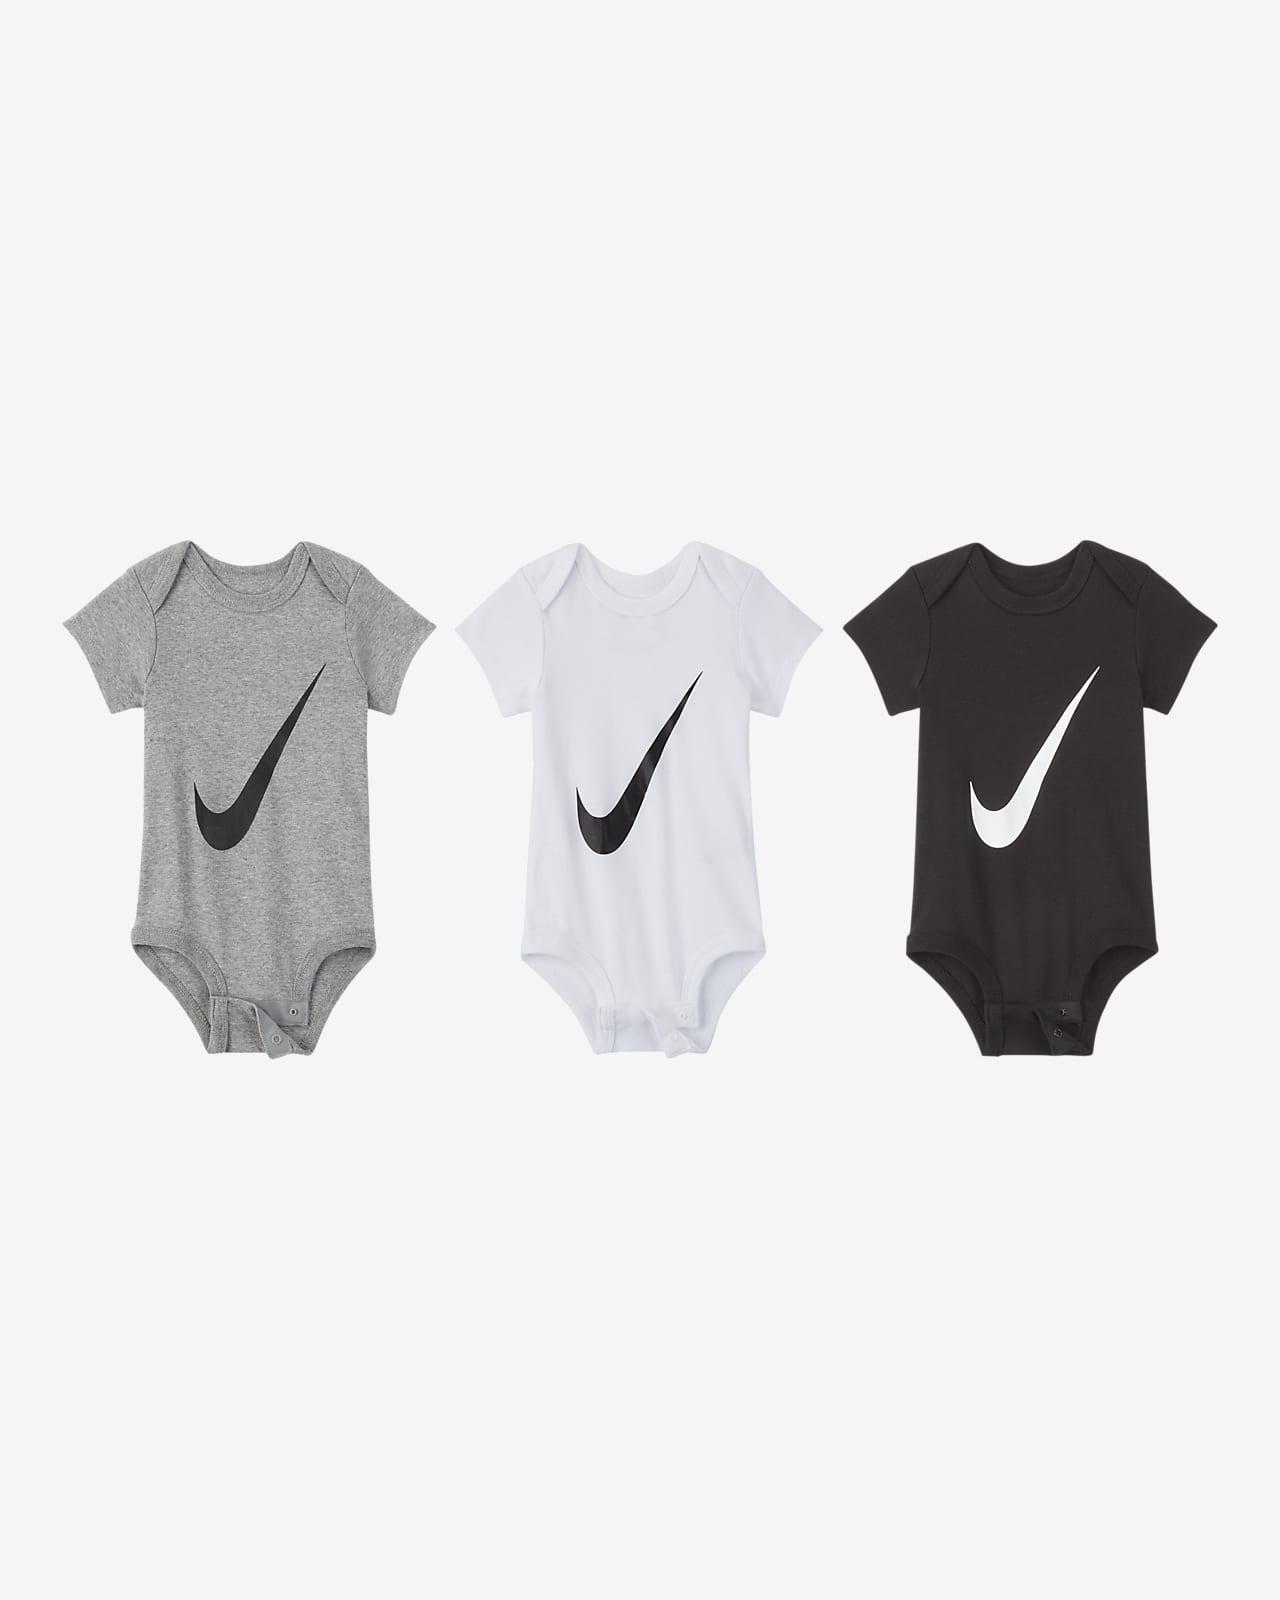 Nike Rompertjesset voor baby's (3 stuks)